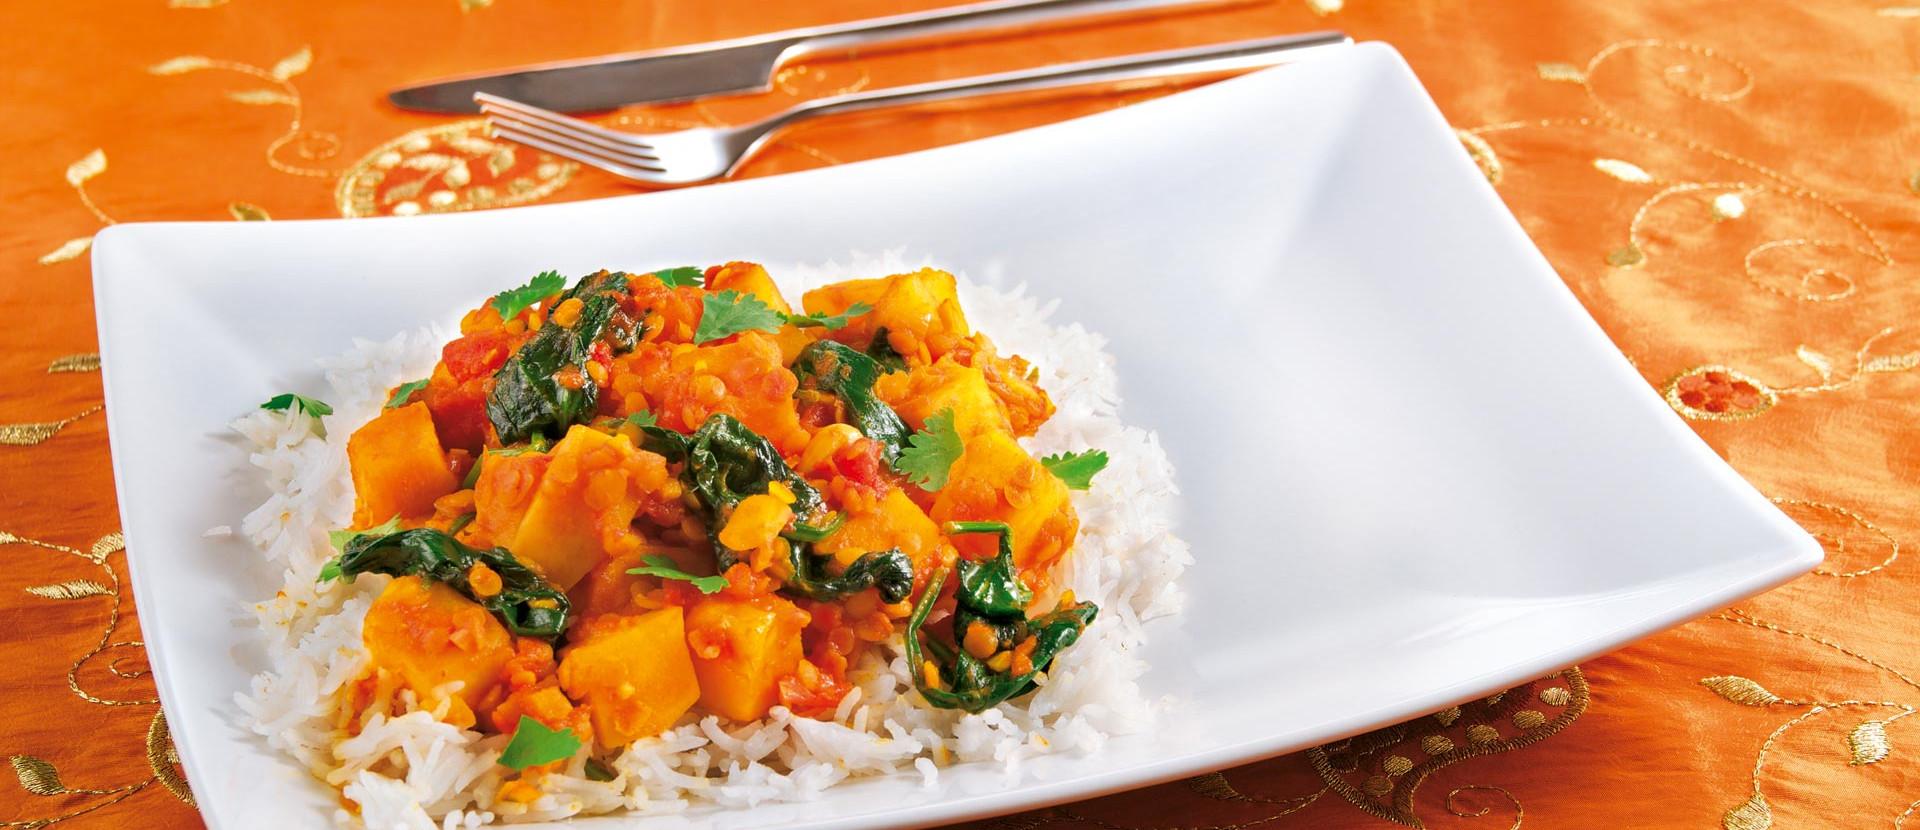 Curry mit Suesskartoffeln Linsen Spinat